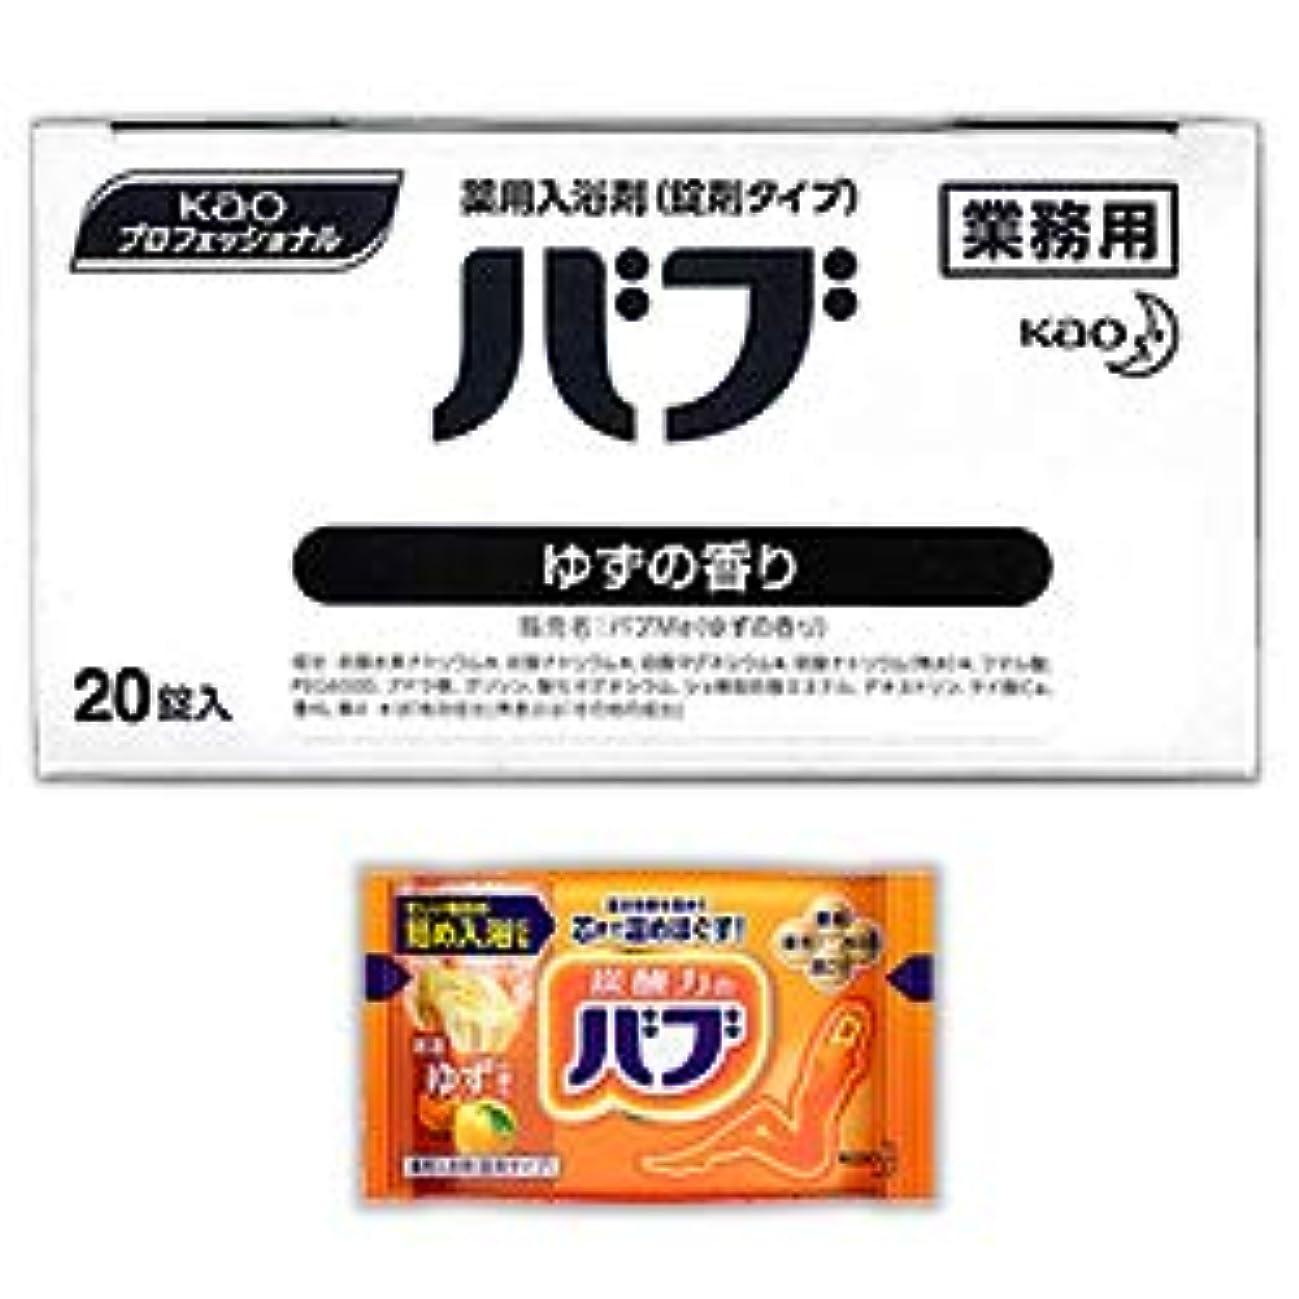 化合物複製する乗って【花王】Kaoプロフェッショナル バブ ゆずの香り(業務用) 40g×20錠入 ×4個セット